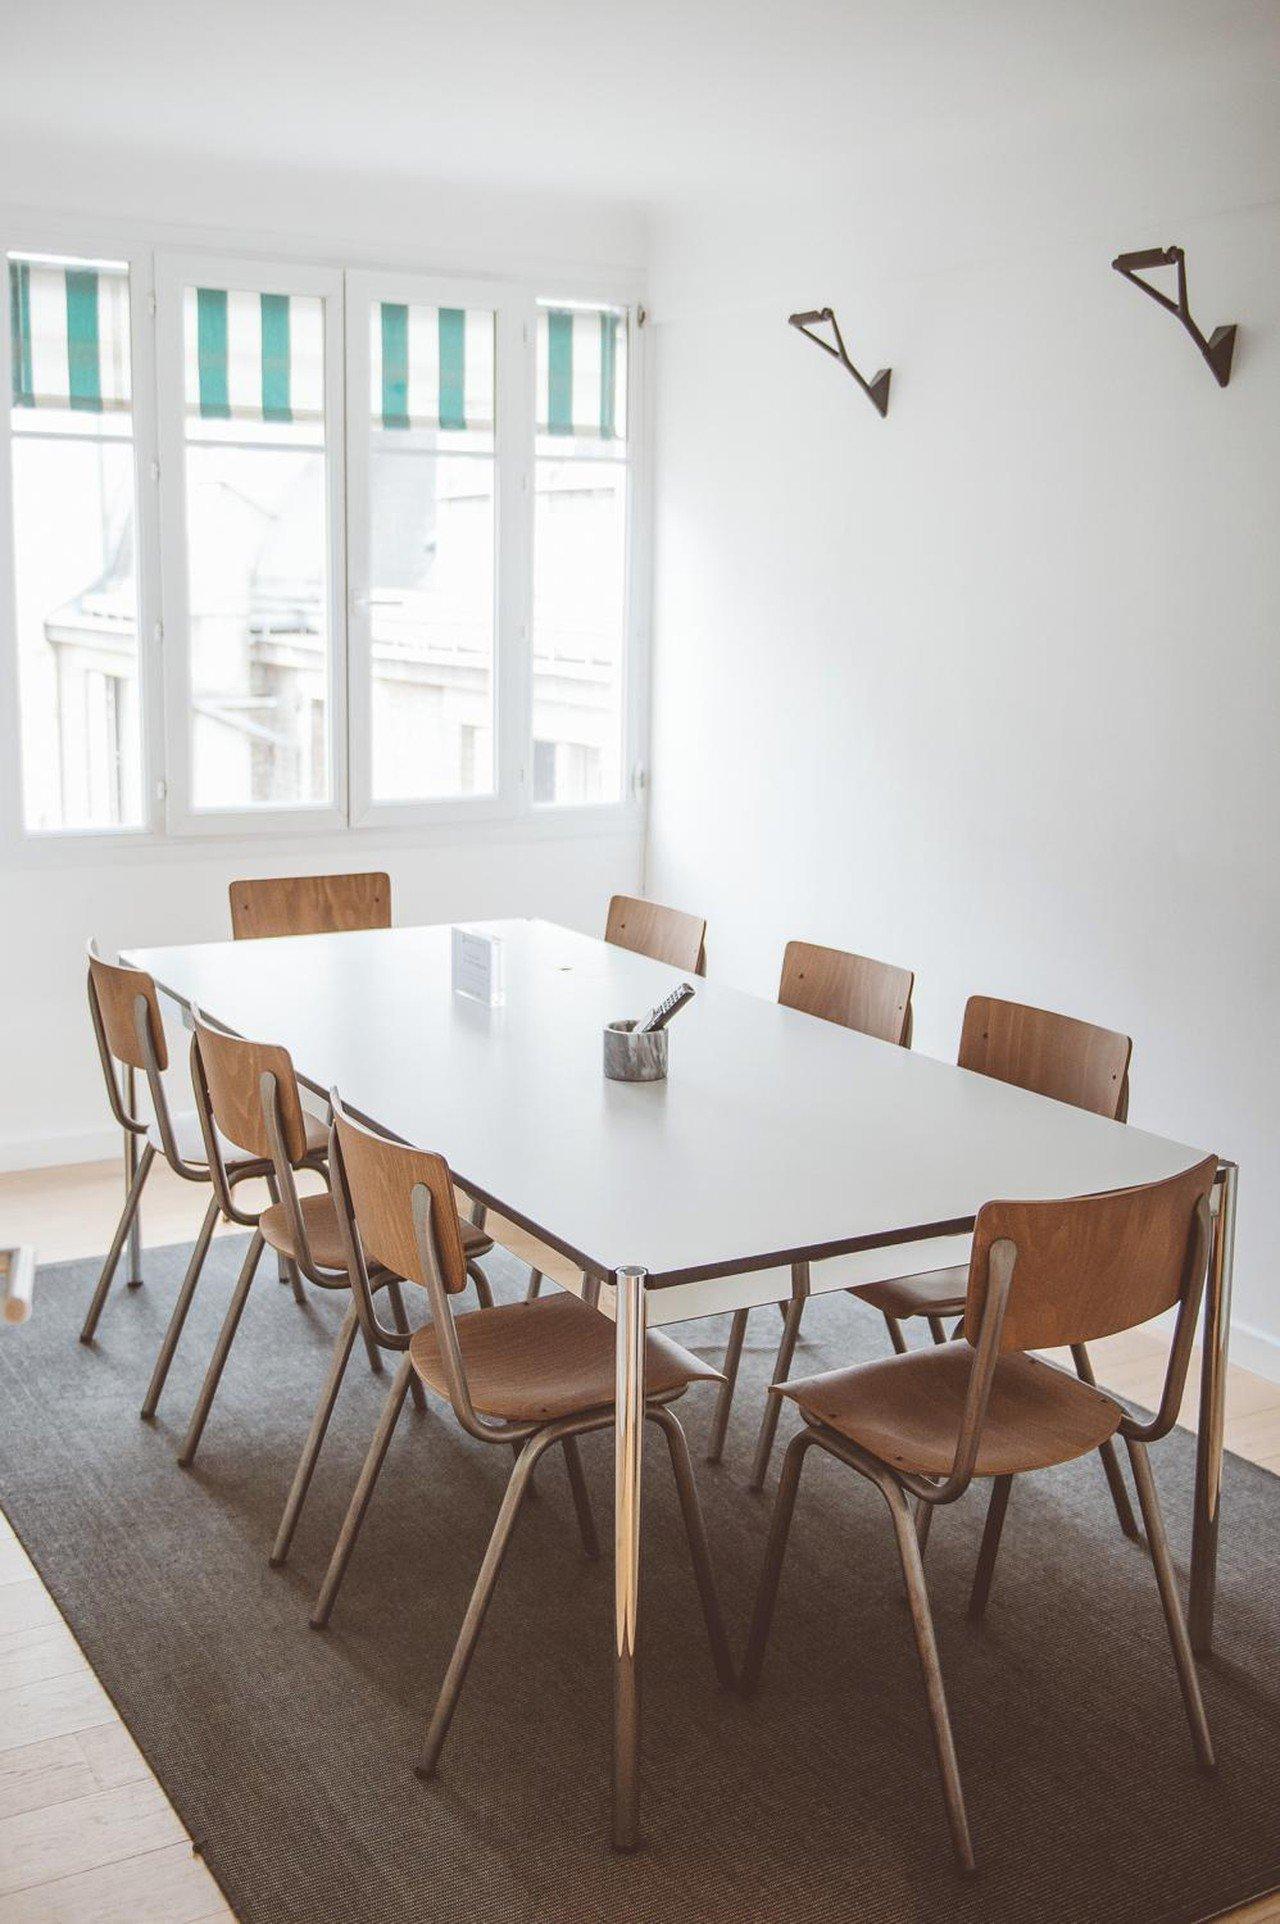 Paris  Meetingraum Salle de Réunion de 8 personnes à proximité de l'Etoile image 0